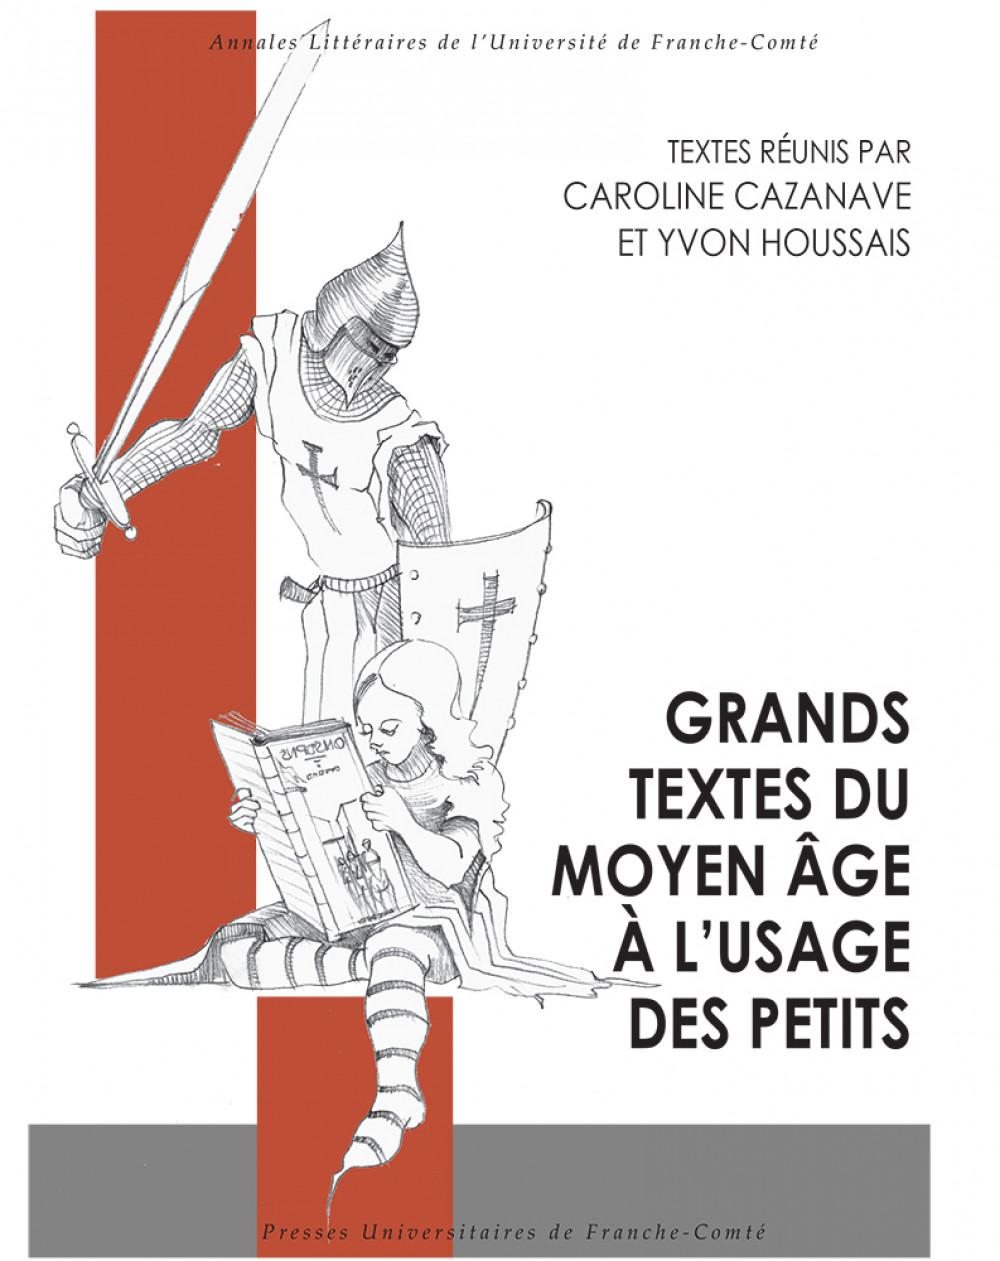 Grands textes du Moyen-Âge à l'usage des petits